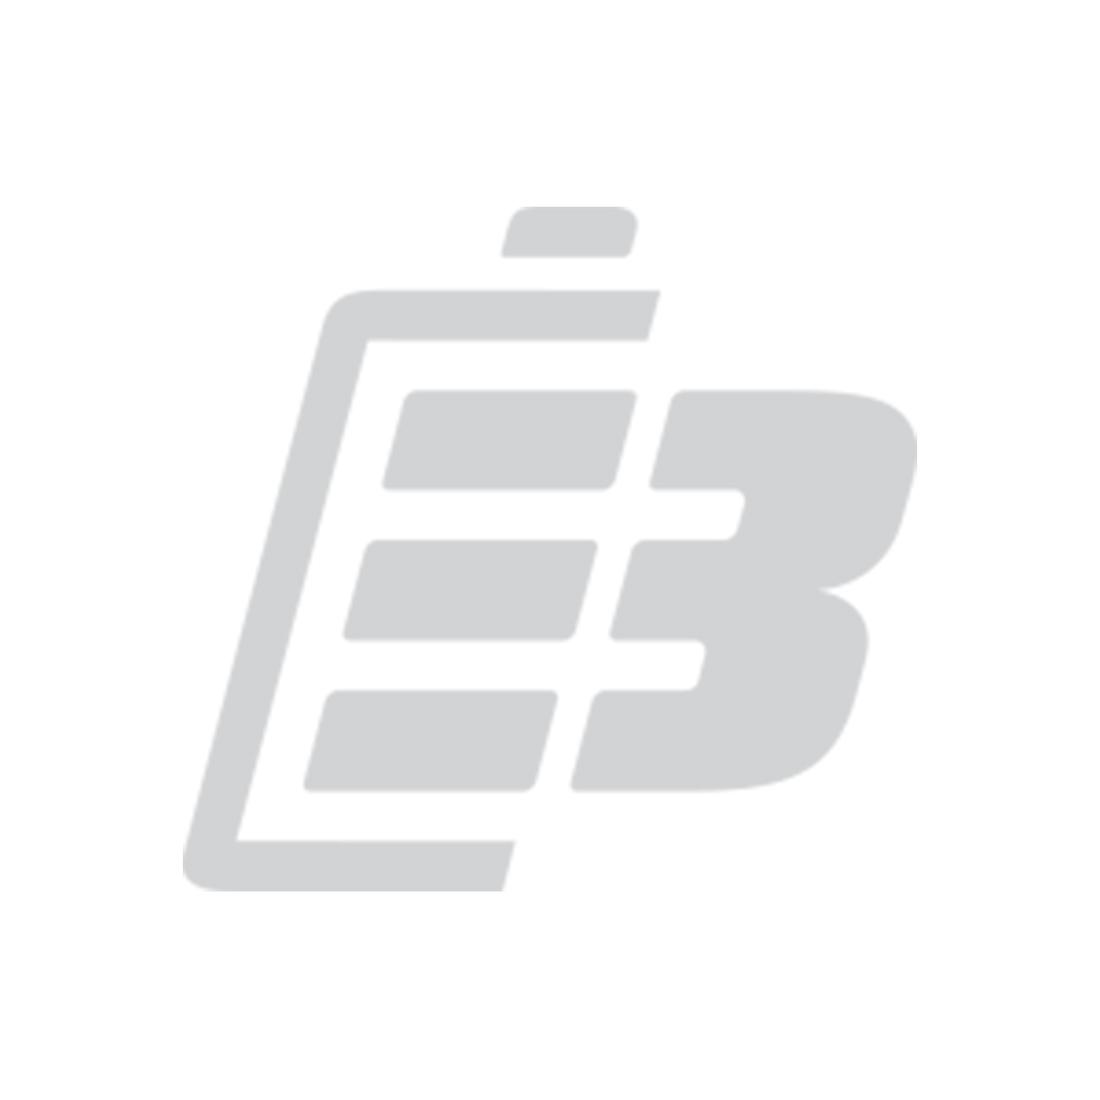 Crane remote control battery HBC Technos_1